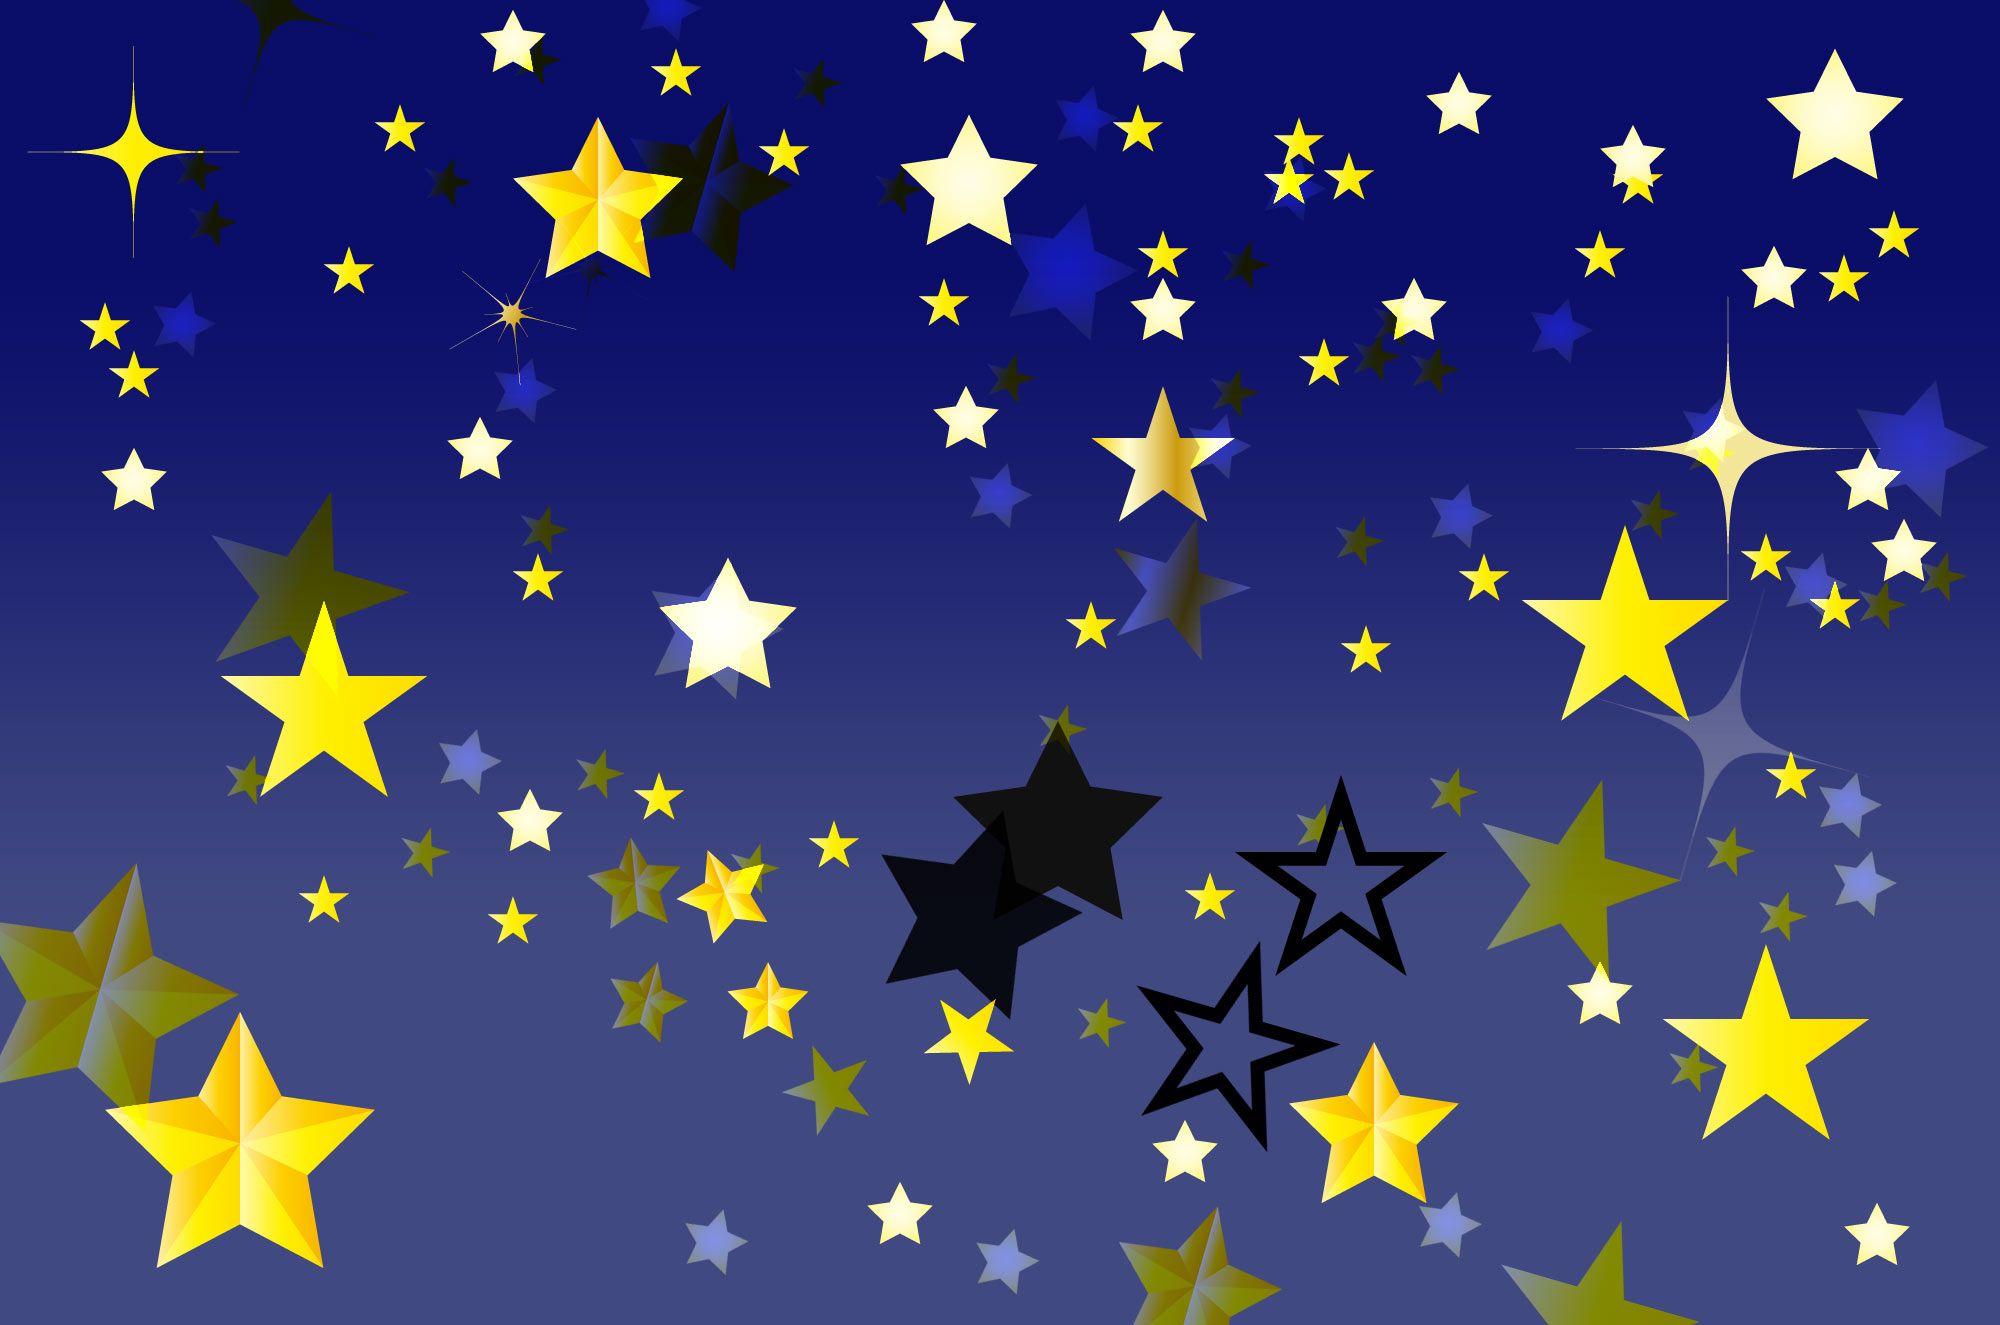 キラキラひかる可愛い星のイラスト素材暗いお空でゆらゆら瞬く星の無料